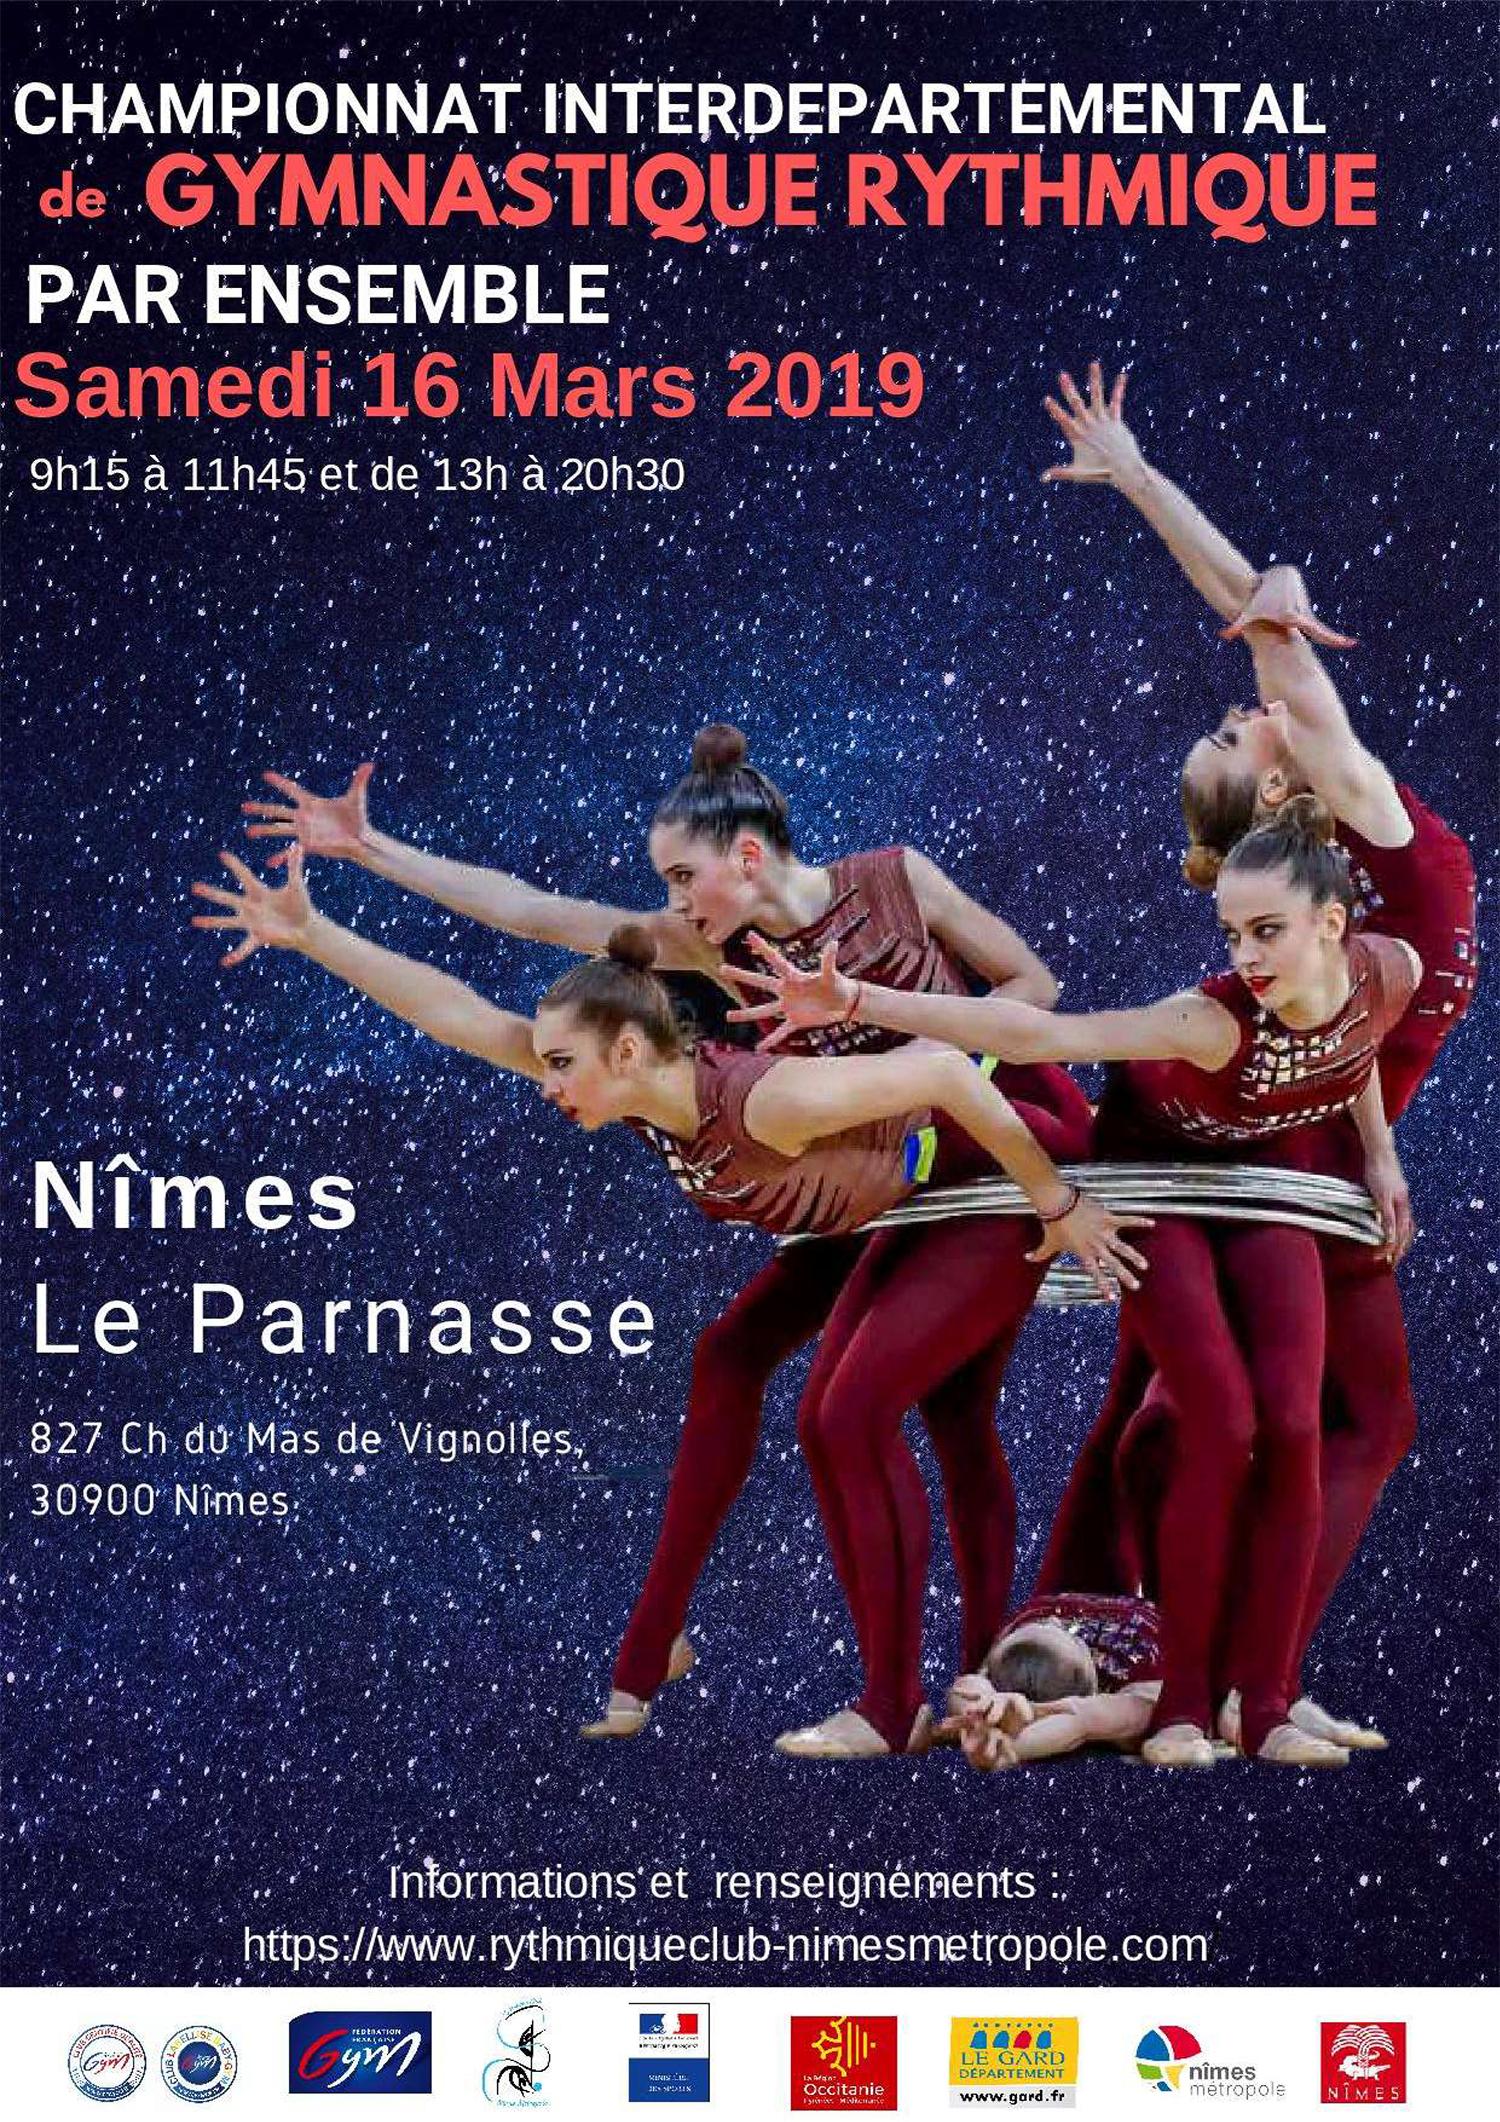 GR - Ensembles Nationaux et Fédéraux Est le 16 Mars 2019 à NÎMES